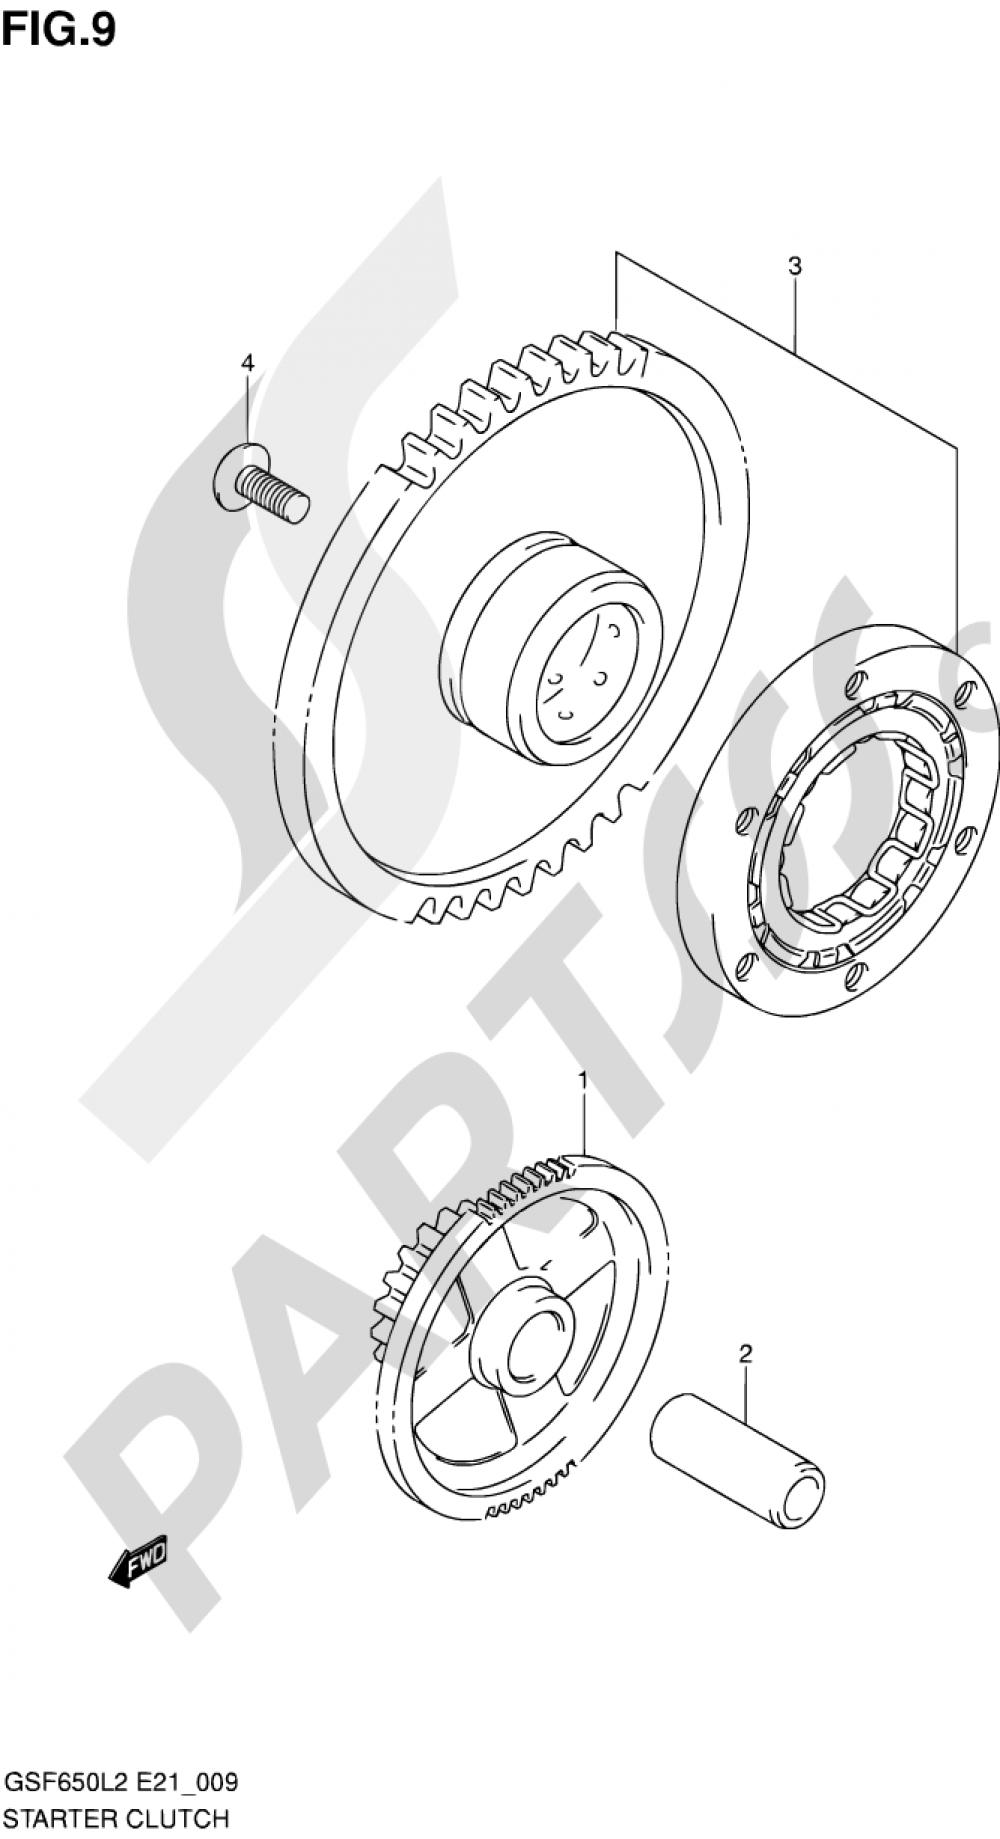 9 - STARTER CLUTCH Suzuki BANDIT GSF650SA 2012